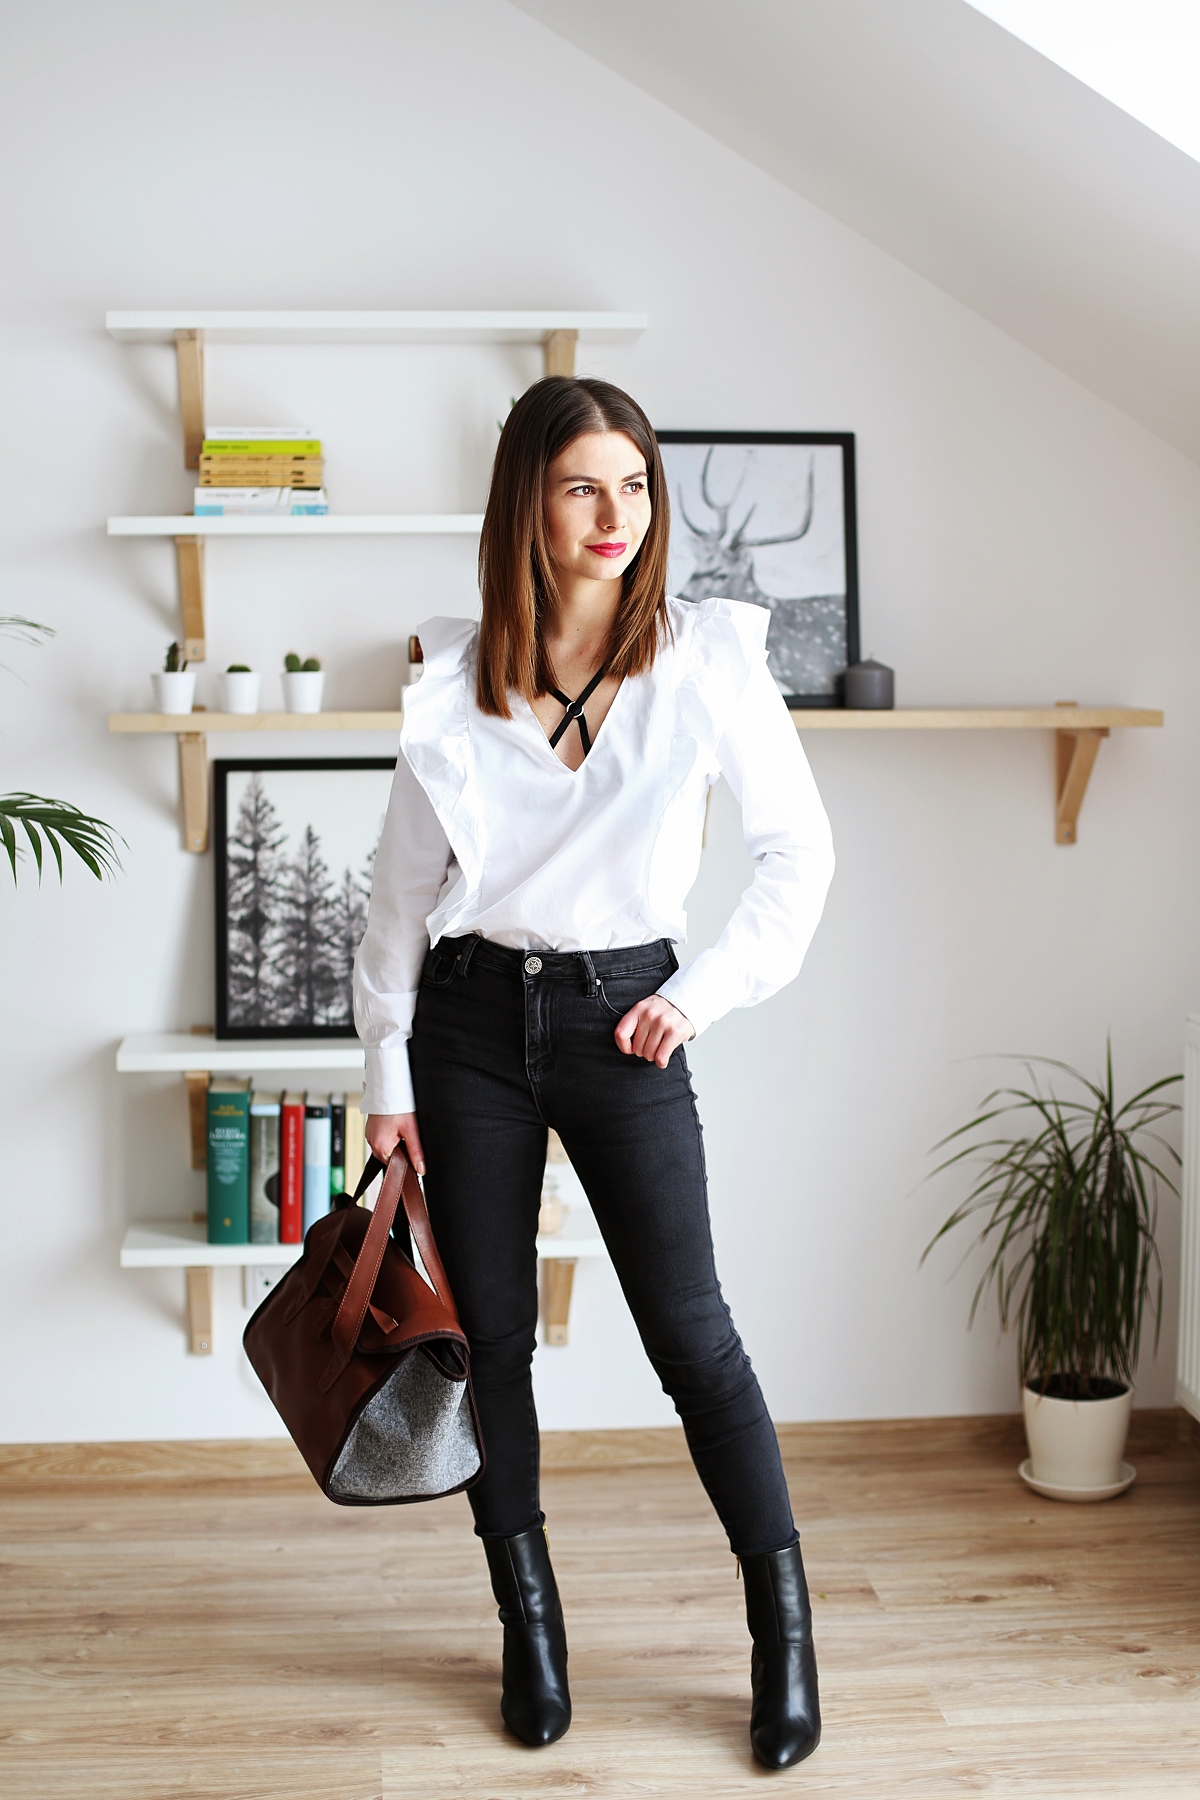 Czarno-biała stylizacja i torba z połączenia filcu oraz skóry